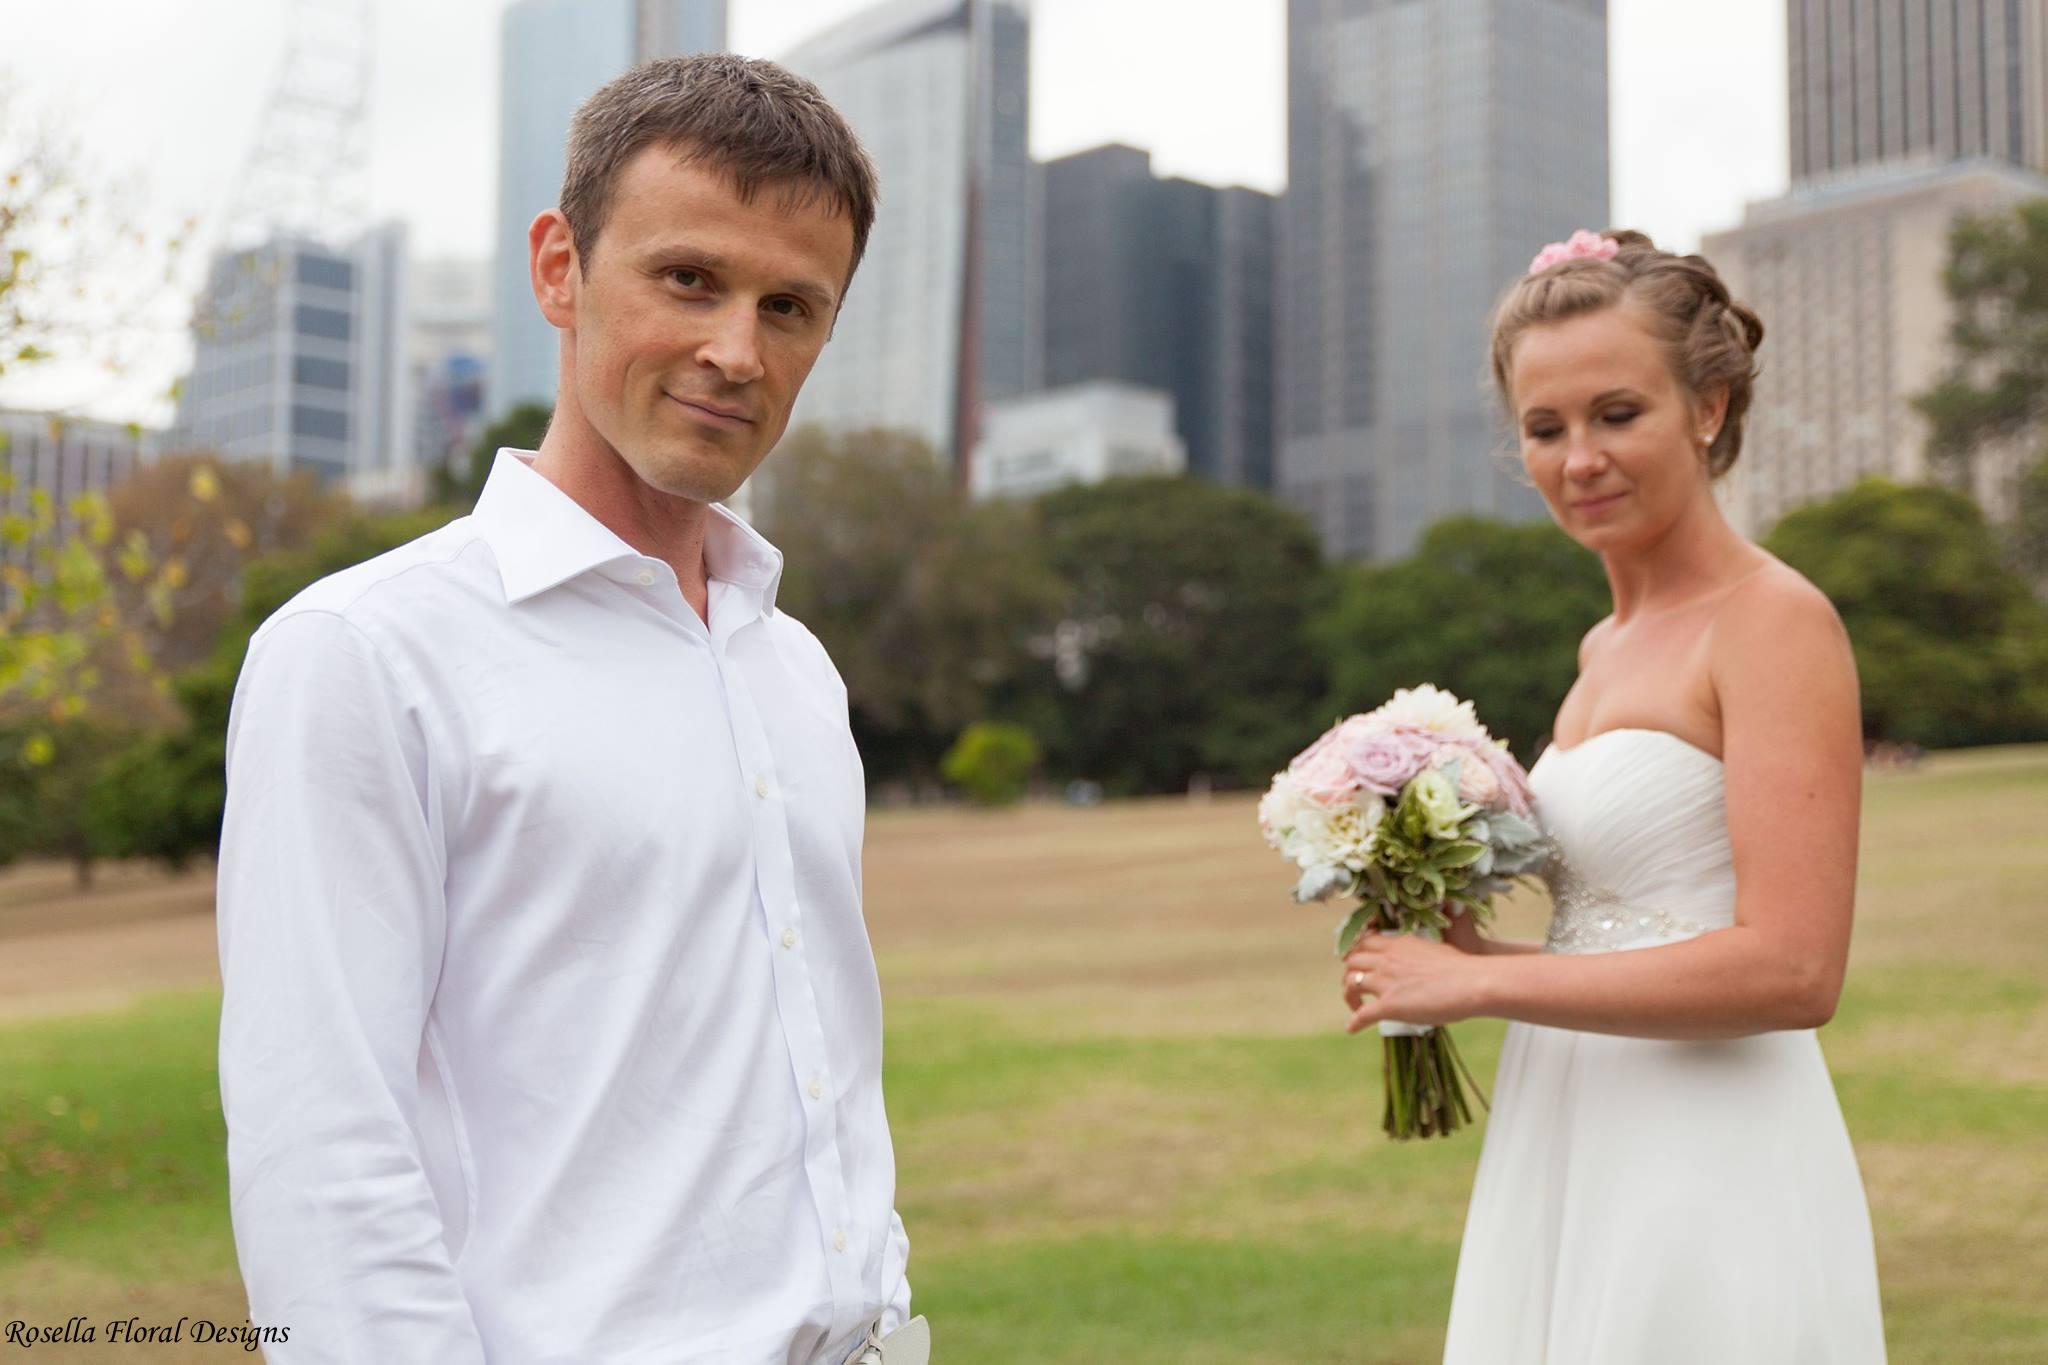 Bridal bouquet pastel tones.jpg